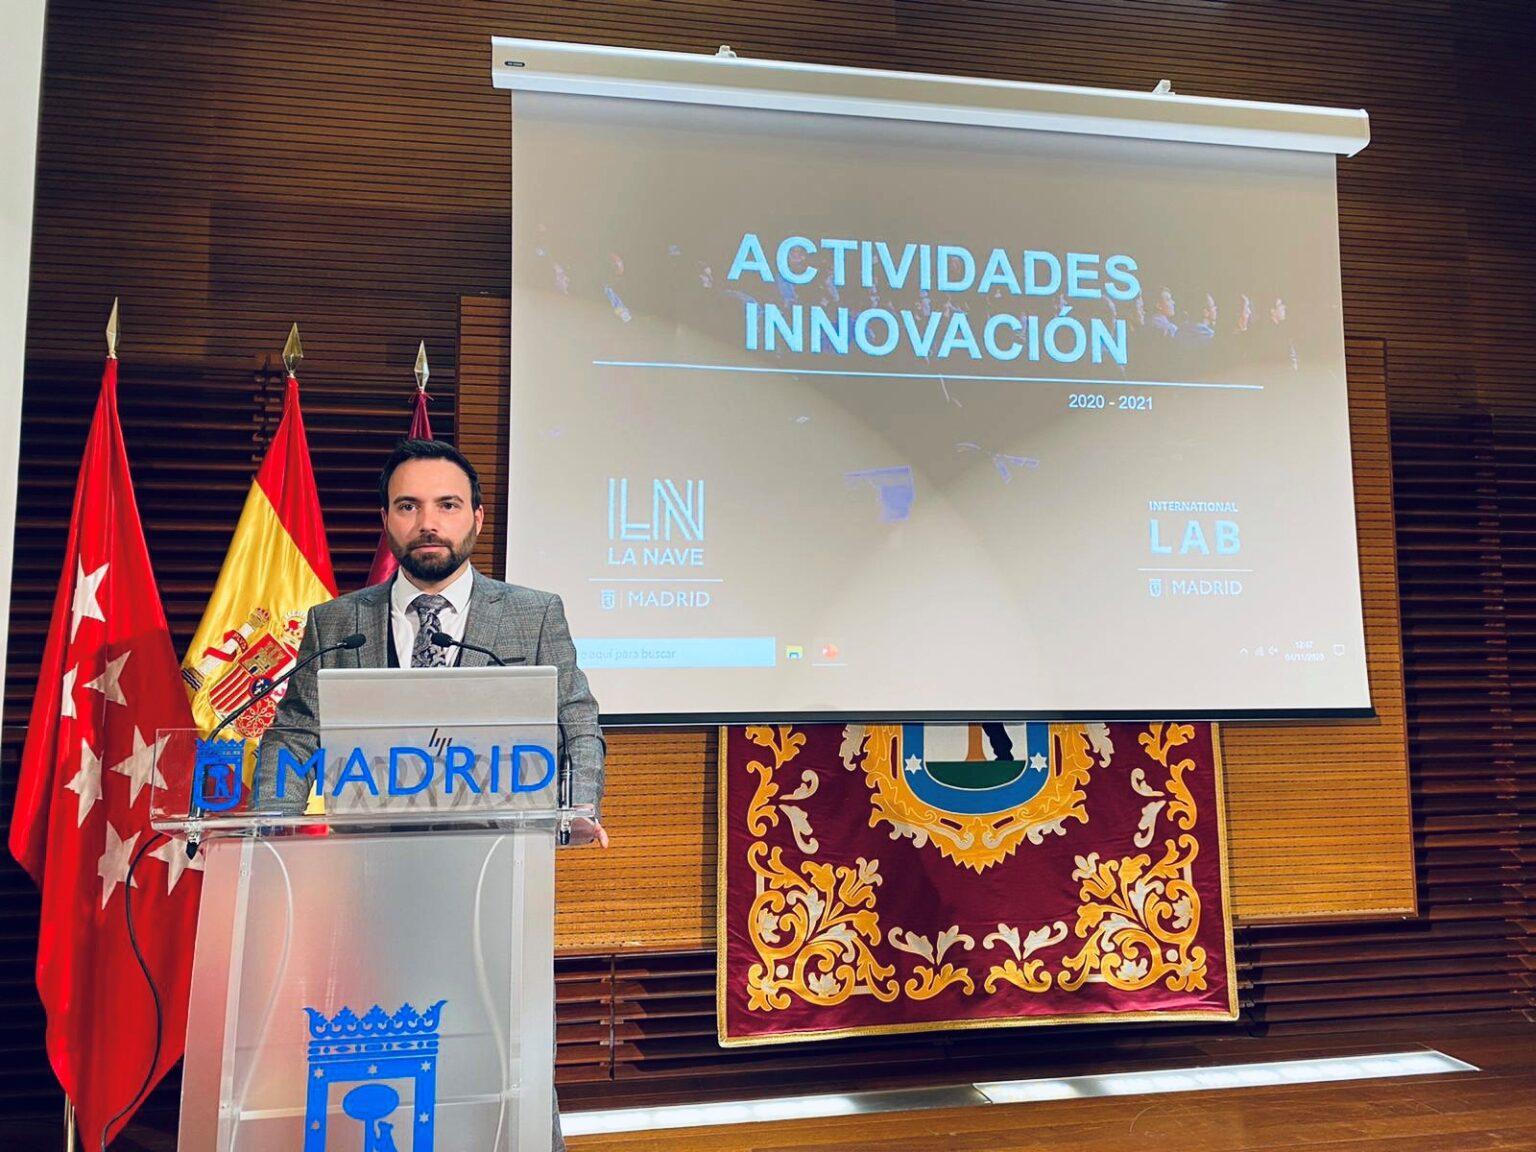 Innovación Madrid 2020